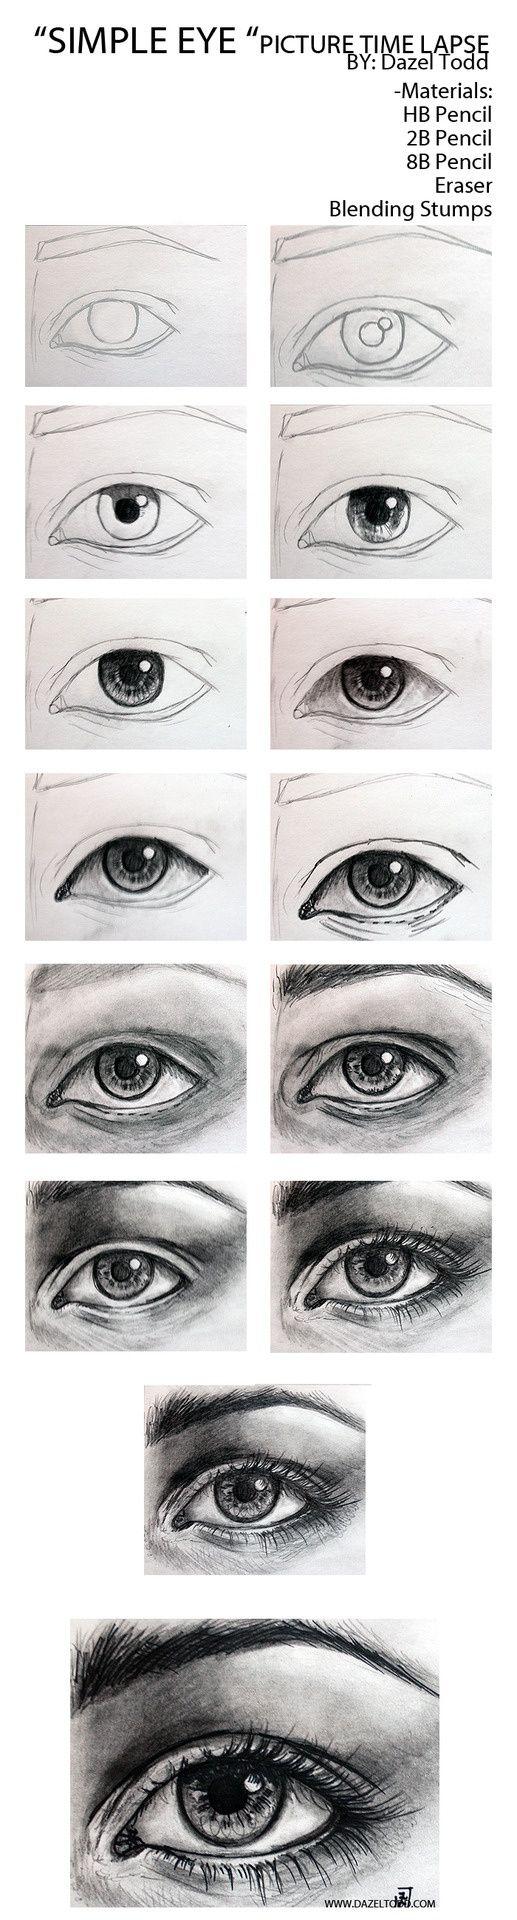 Augen zeichnen  Dazel Todd Sketch of eye tutorial, drawing tips.